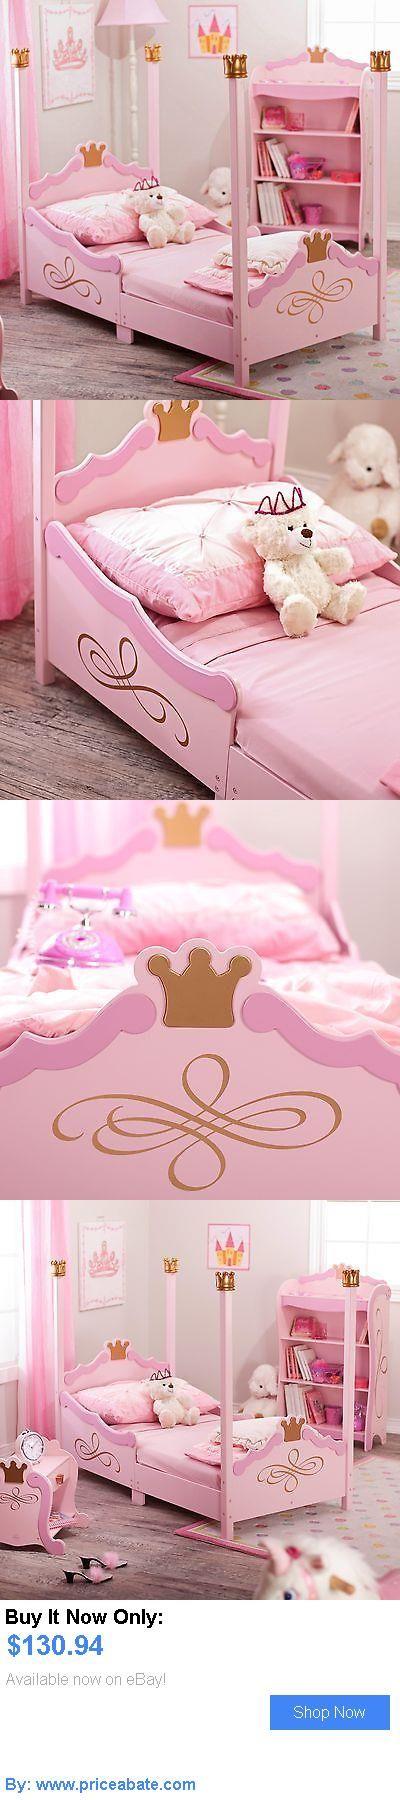 Kids Furniture: Kidkraft Princess Toddler Bed - - 76121, Pink, Toddler Bed BUY IT NOW ONLY: $130.94 #priceabateKidsFurniture OR #priceabate